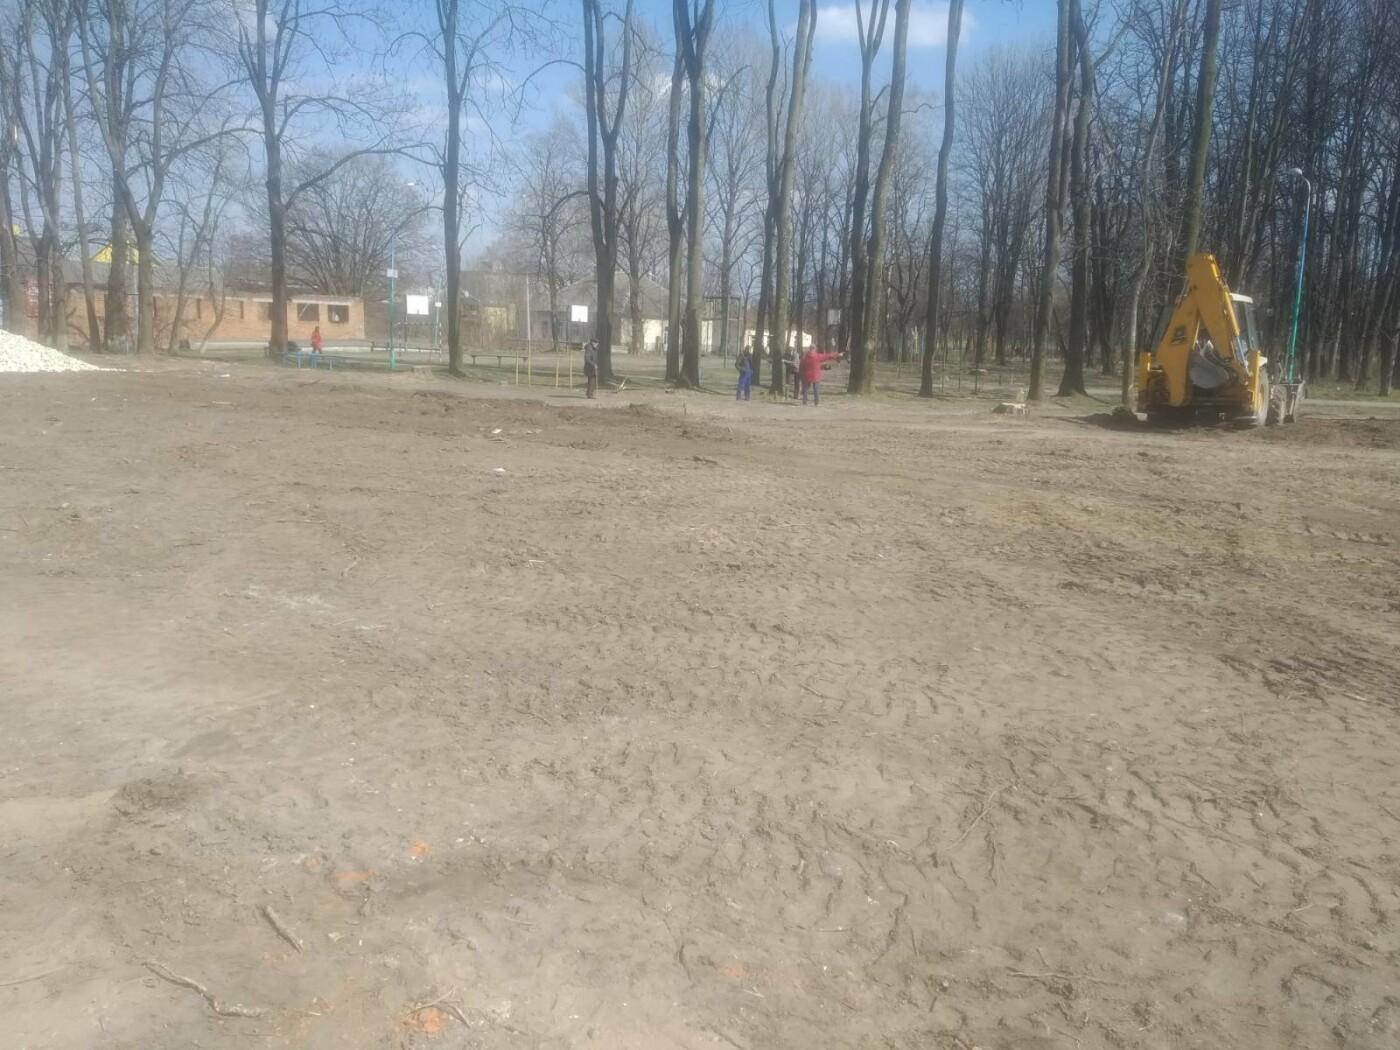 Майданчик для воркауту у Бориславі: тривають підготовчі роботи , фото-2, Фото - 03247.com.ua